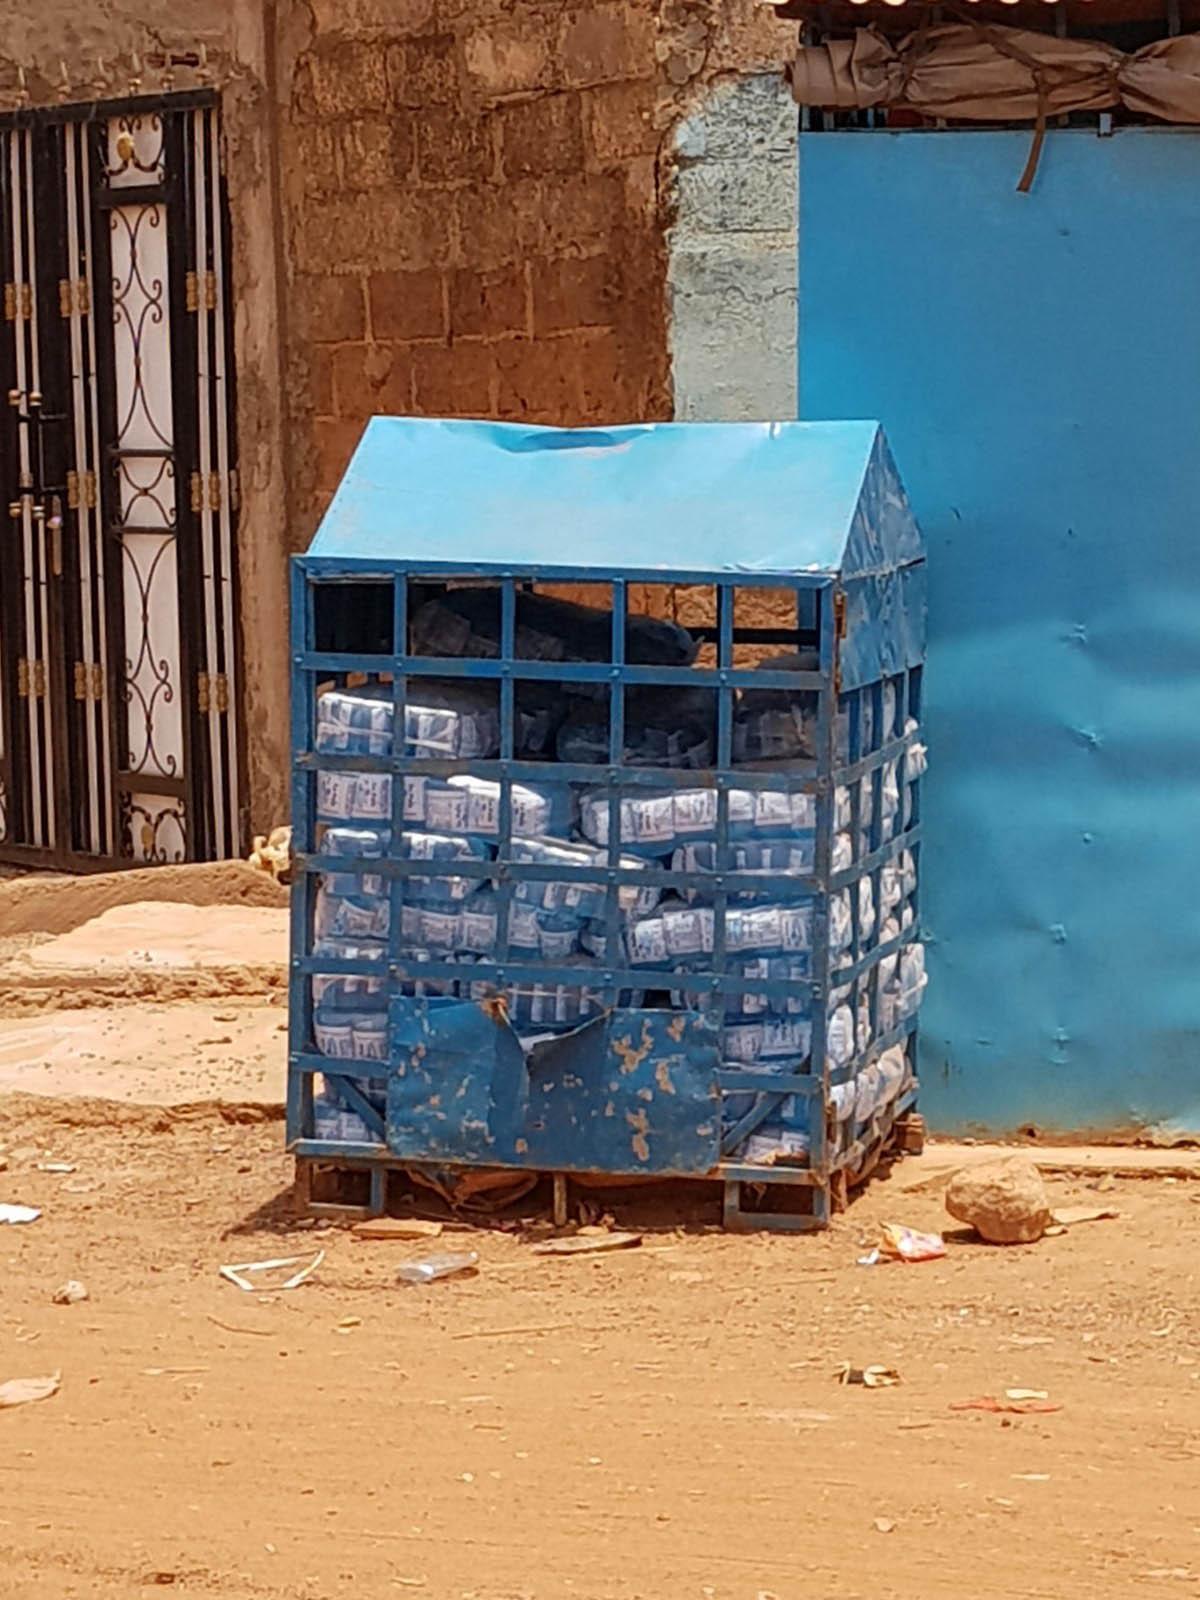 Stockage de l'eau en sachet en Afrique